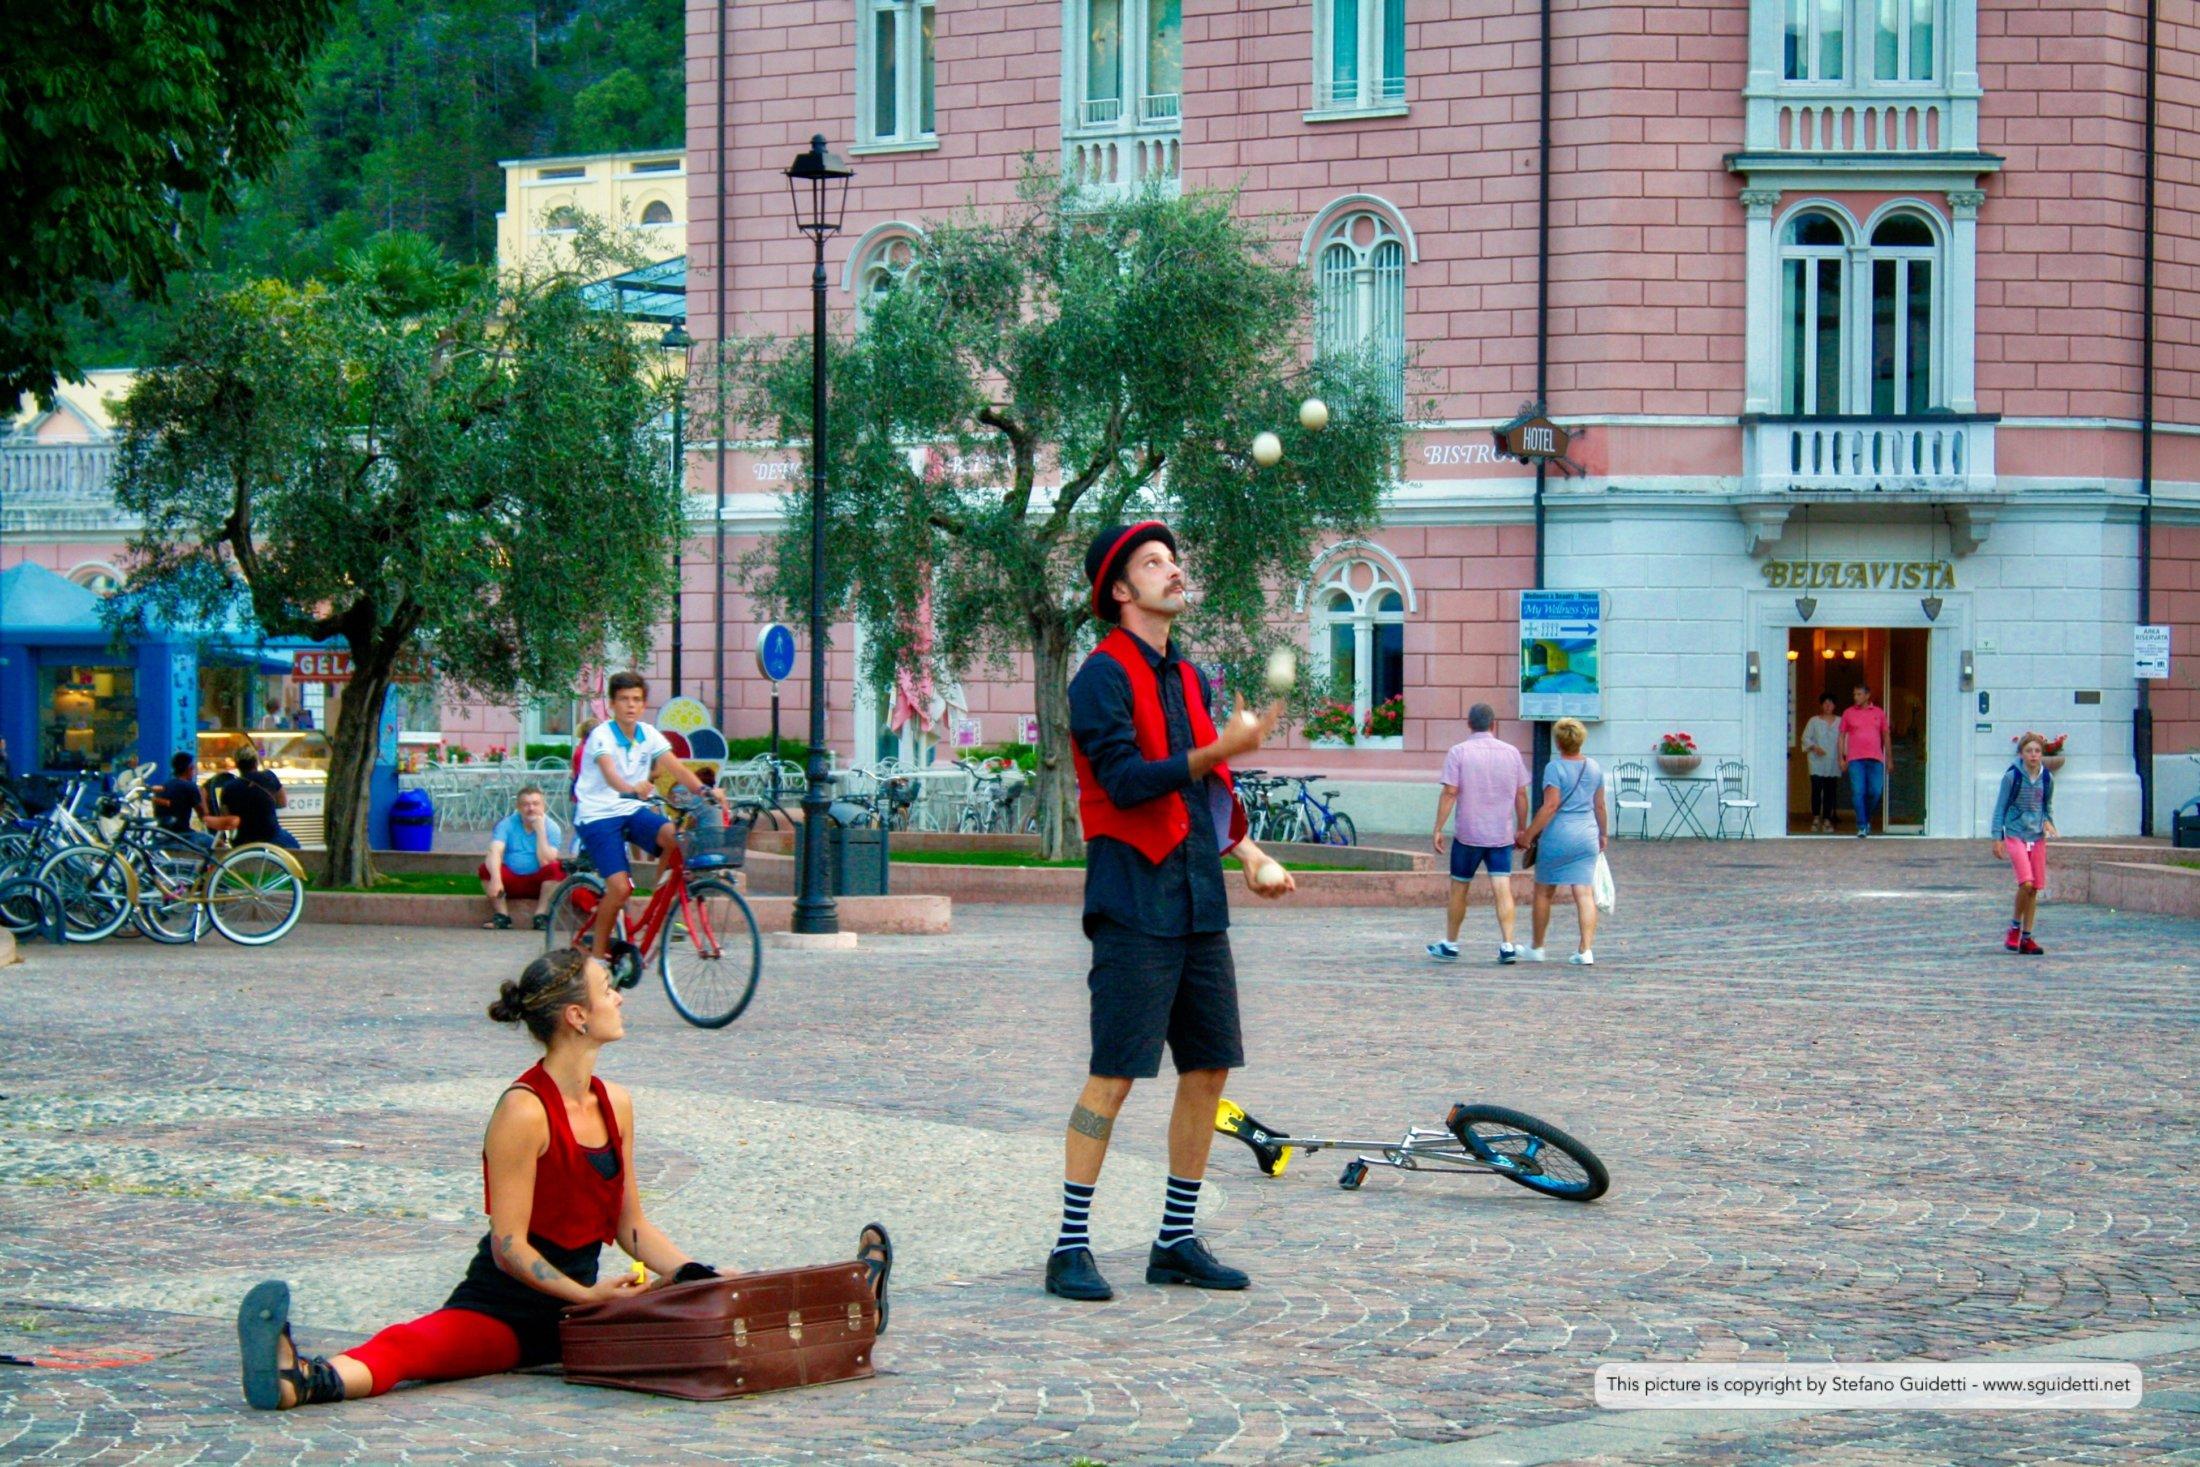 Giocolieri in piazza Cesare Battisti